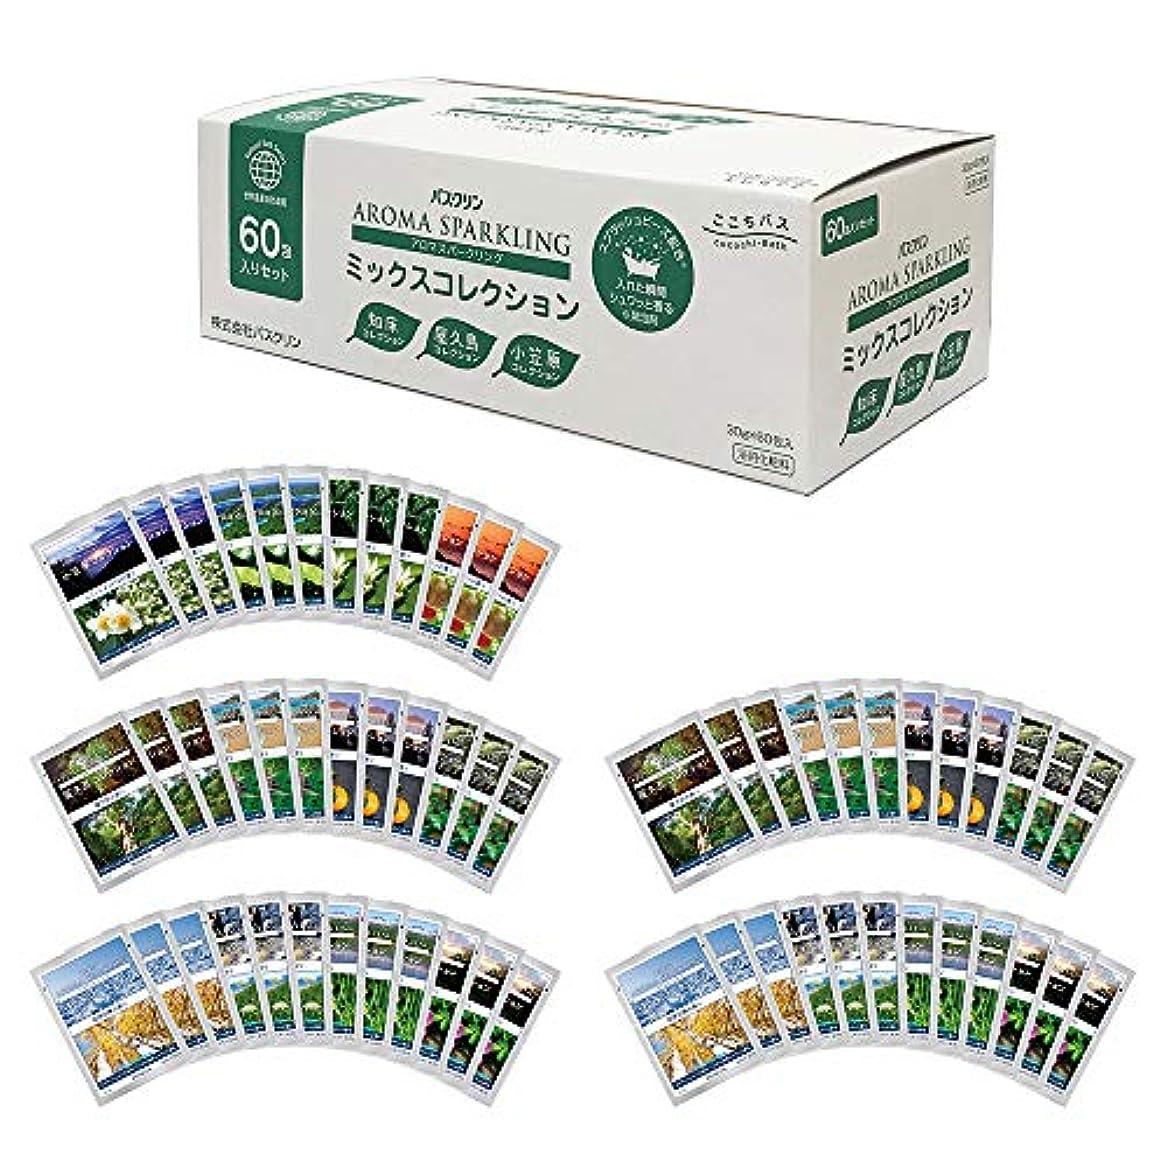 優れました妨げる質素な【Amazon限定ブランド】ここちバス バスクリン 入浴剤  アロマスパークリング ミックスコレクション 60包入り 個包装 詰め合わせ